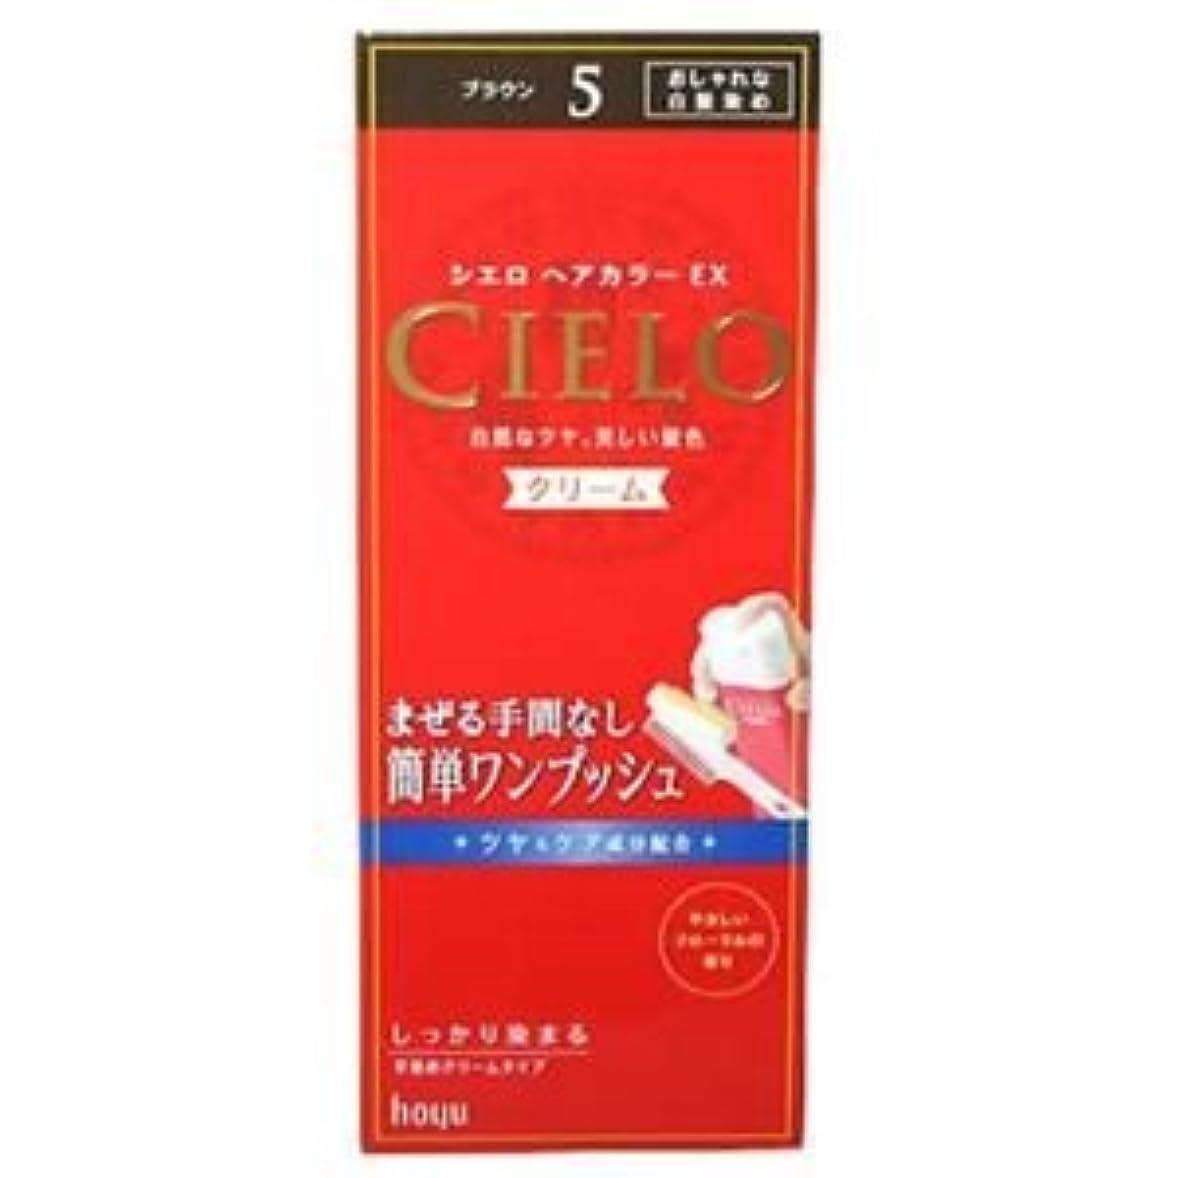 シエロ ヘアカラーEX クリーム5 (ブラウン) 7セット